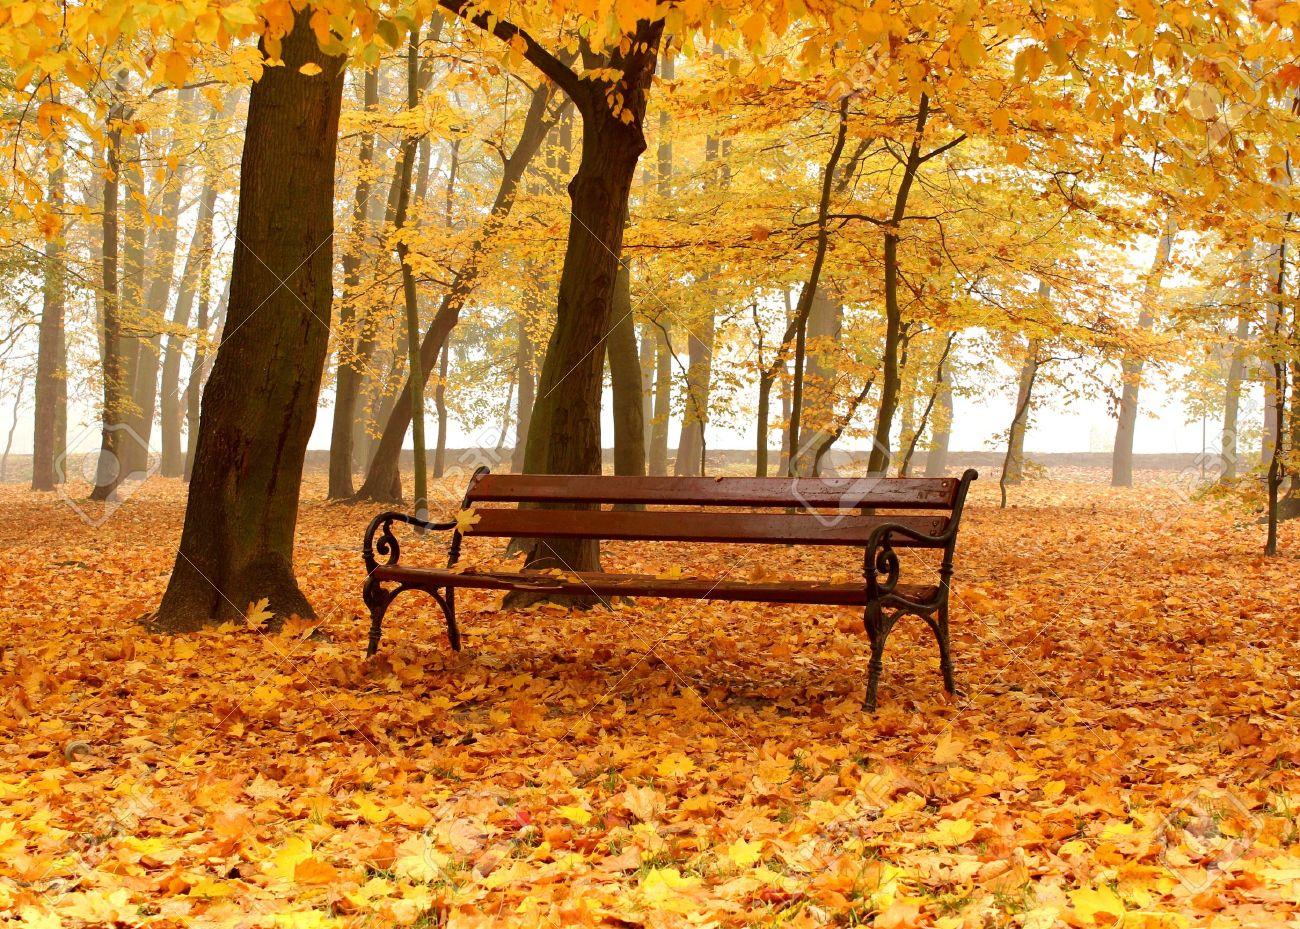 16214994-banc-dans-un-parc-automne-dor-jour-de-brouillard-Banque-d'images